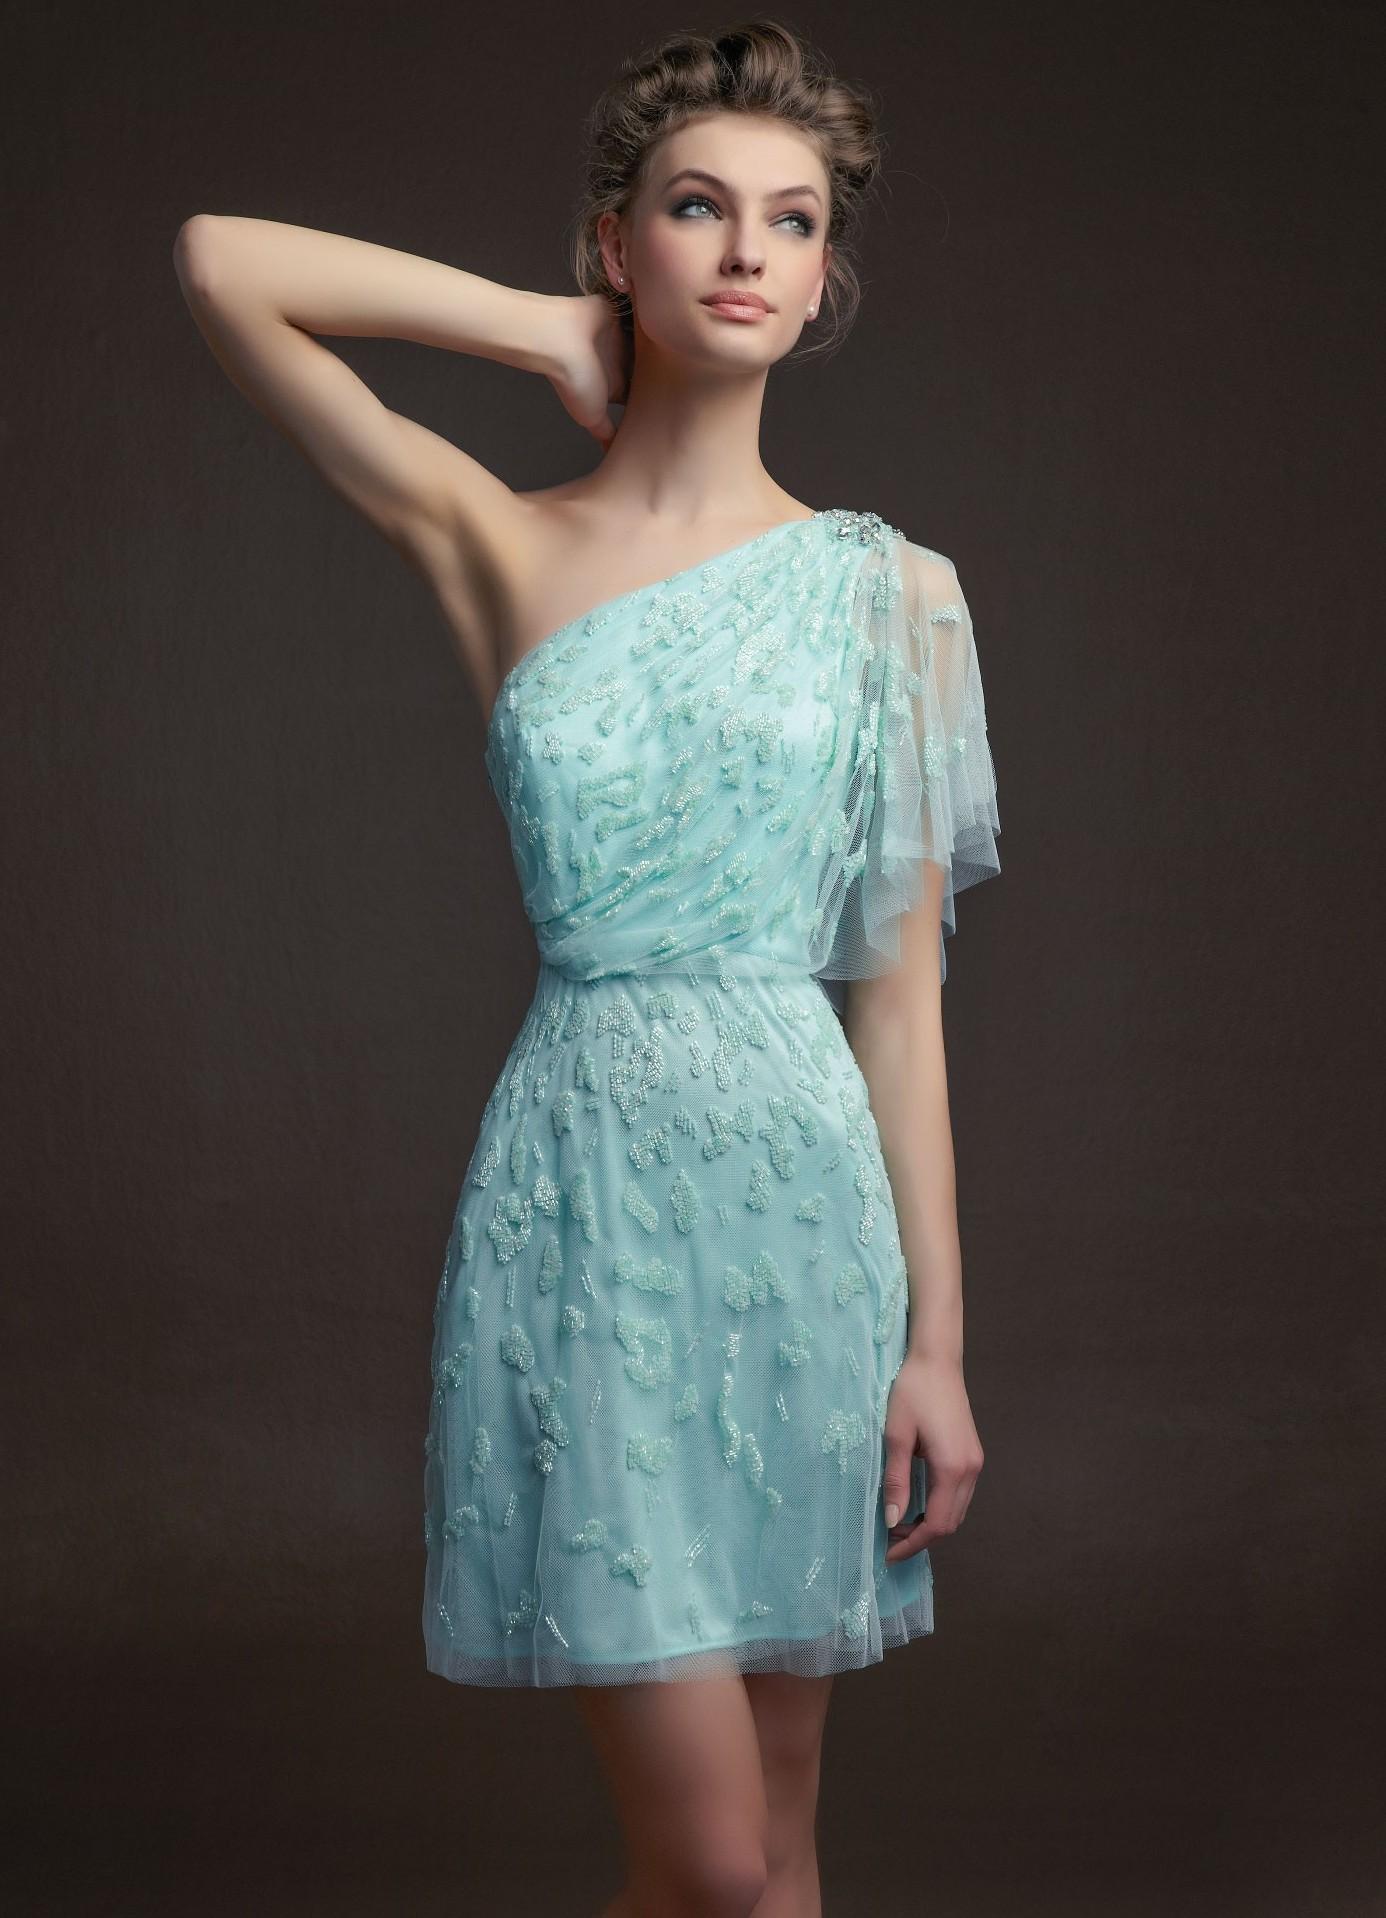 Платья для выпускного вечера в 9 и 11 класс новинки 2018 года - 99 фото модных образов